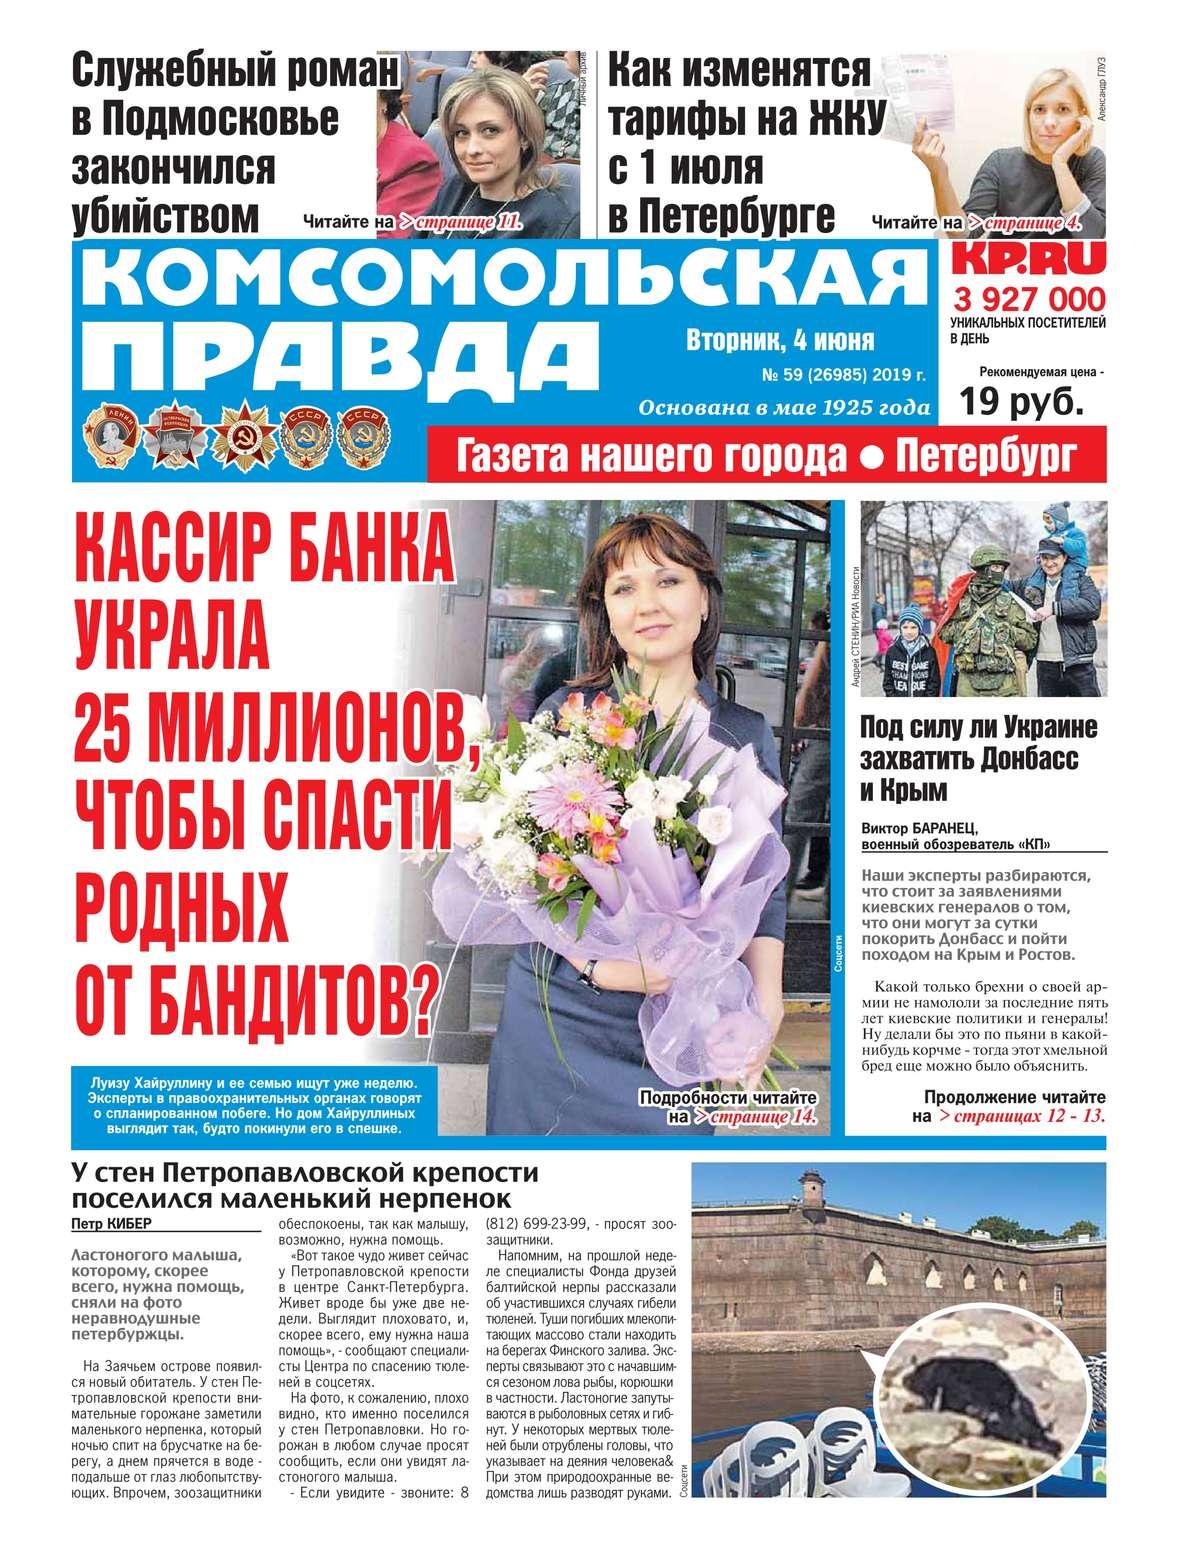 Комсомольская Правда. Санкт-Петербург 59-2019